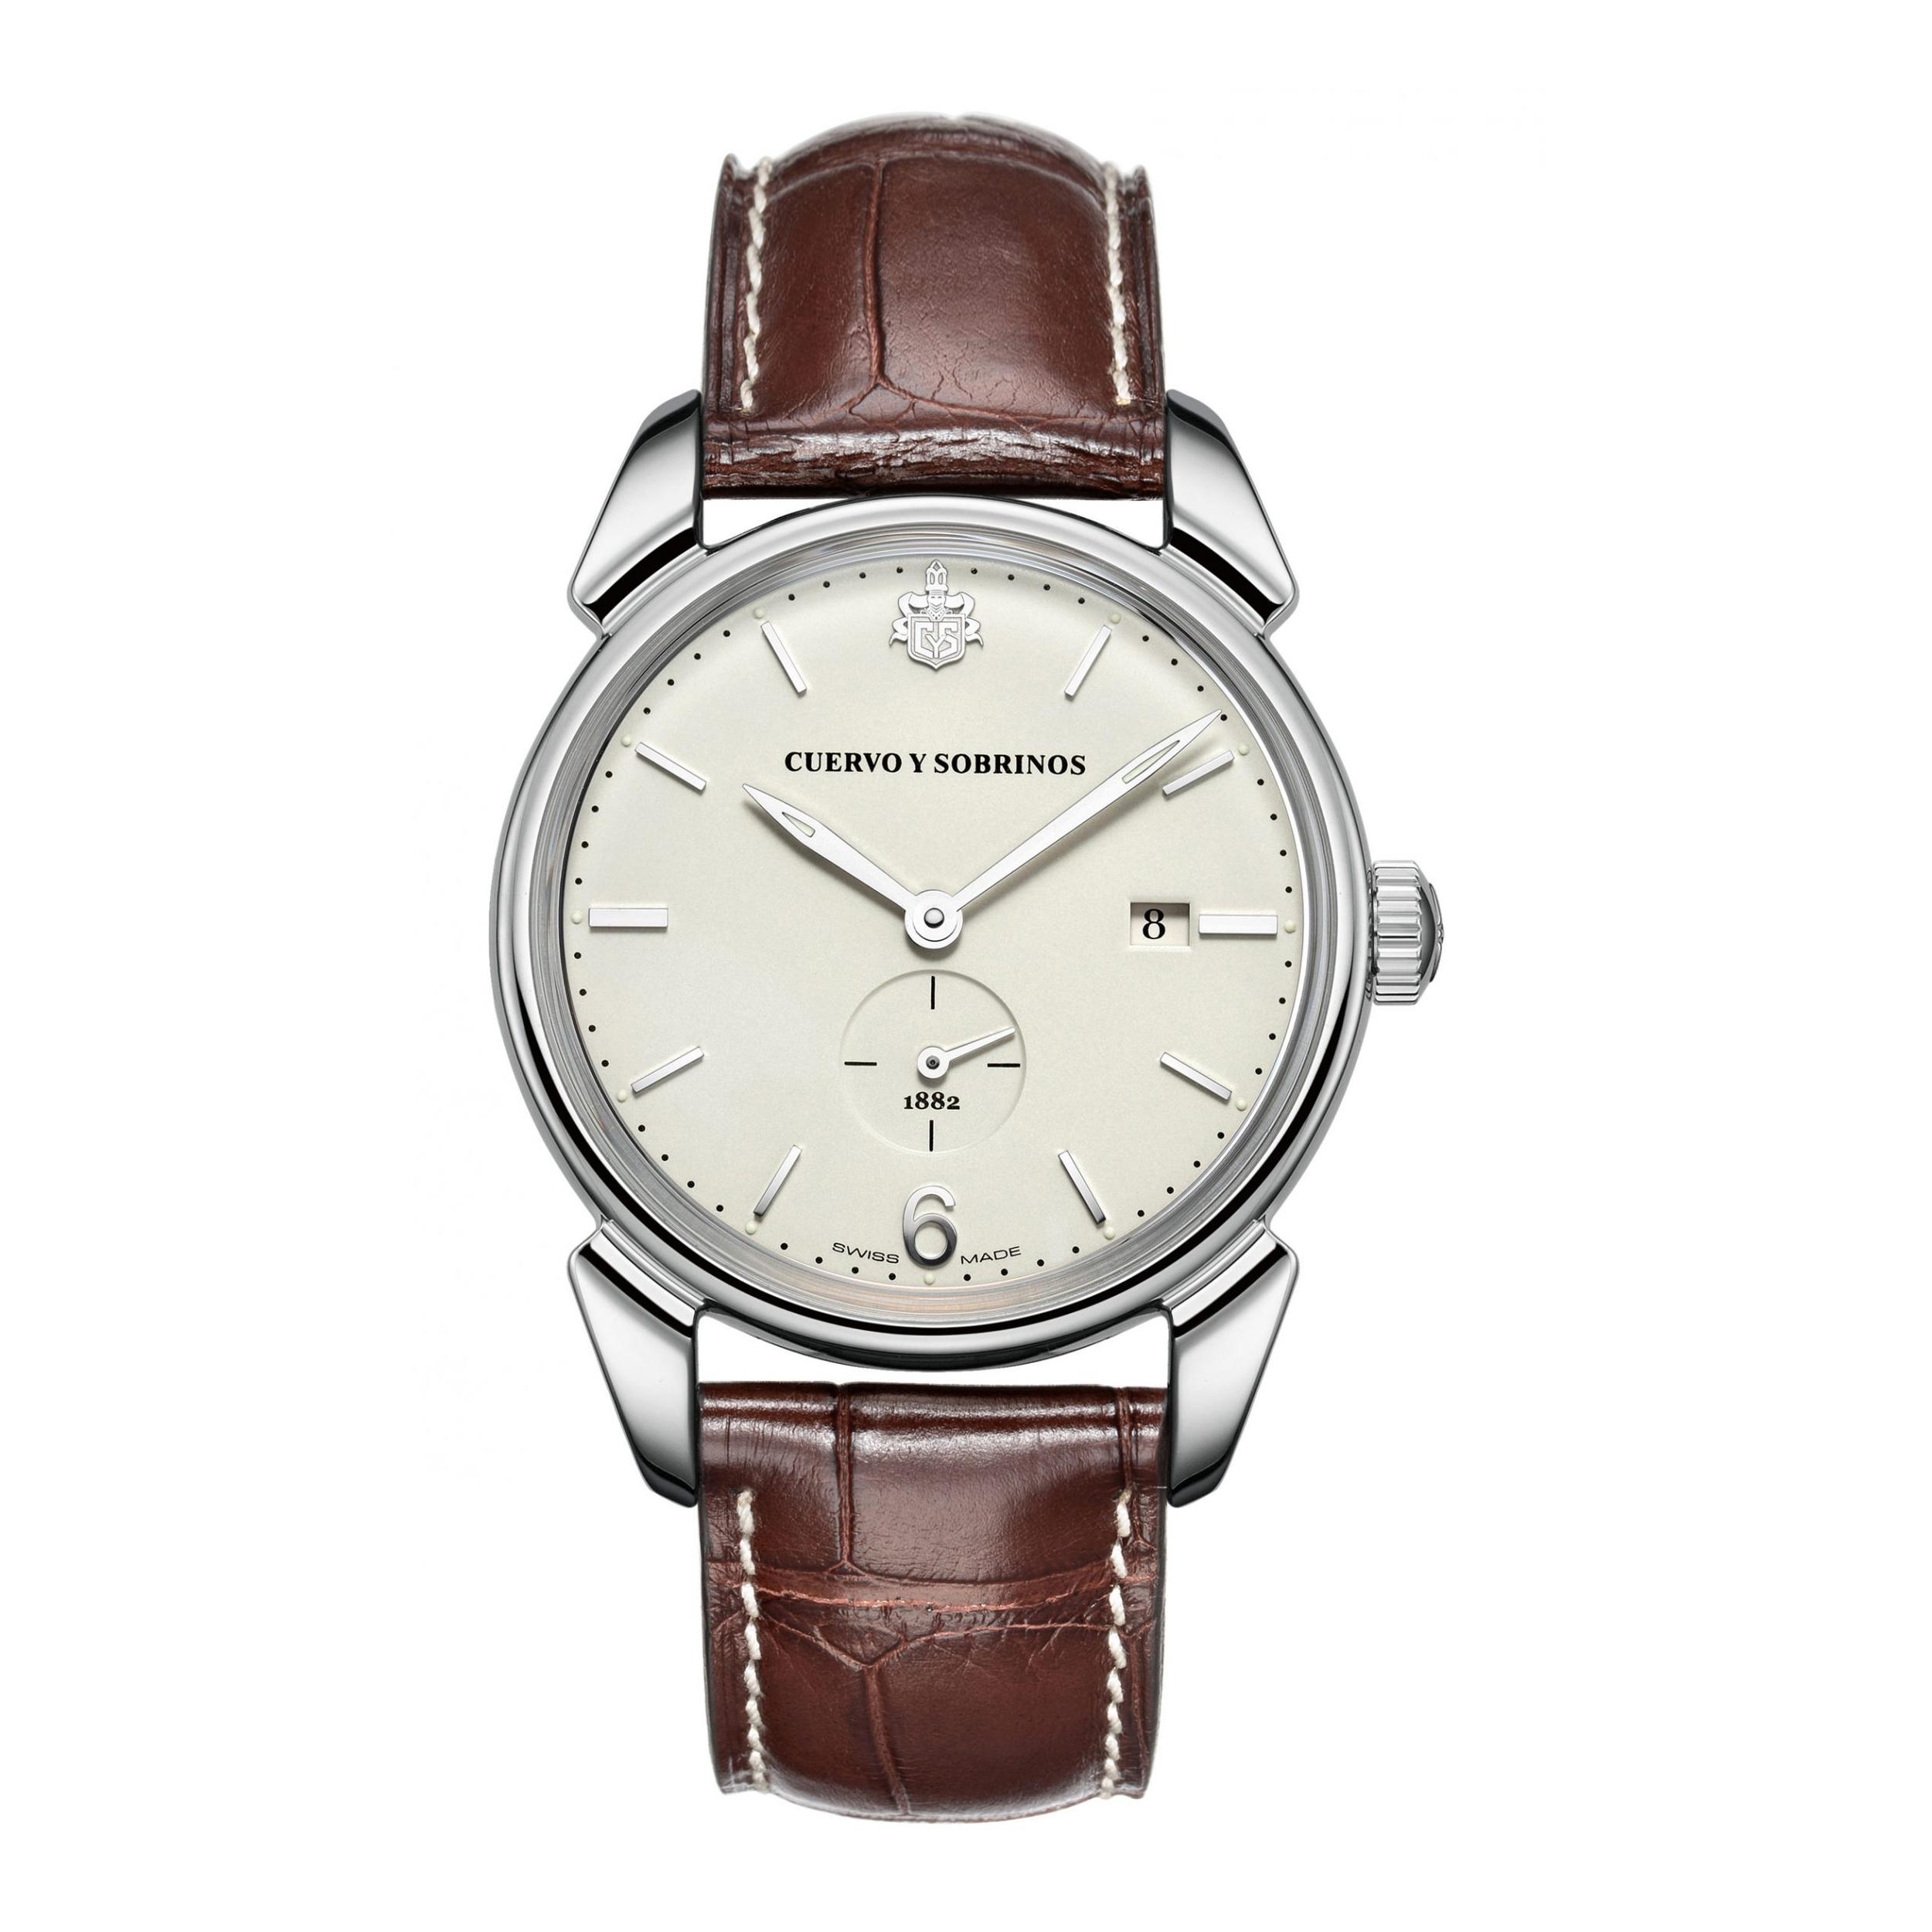 ساعت مچی عقربه ای مردانه کوئروی سابرینوس مدل 3191.1I